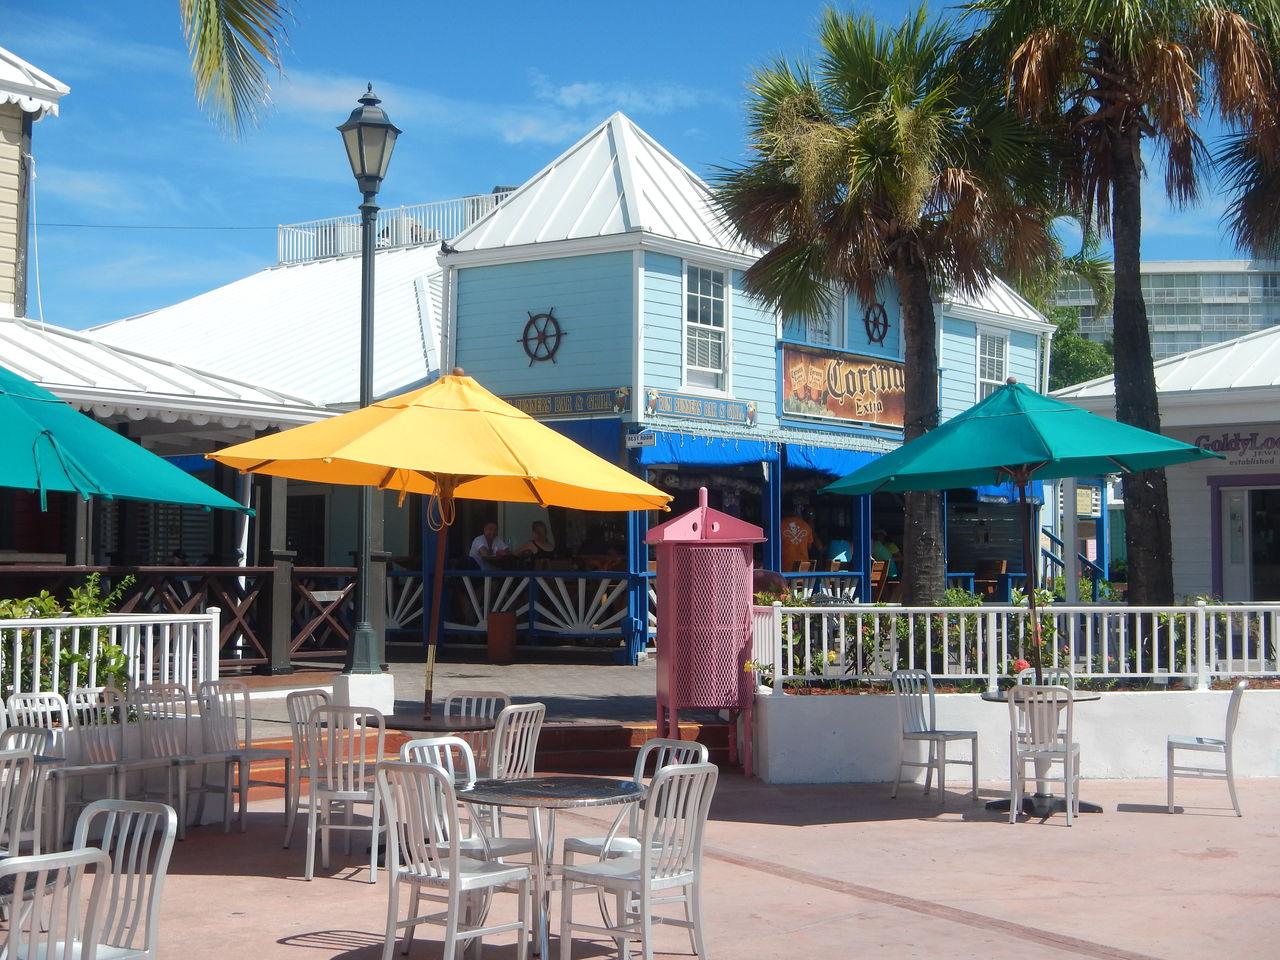 Bahamas Grand Bahama - Freeport